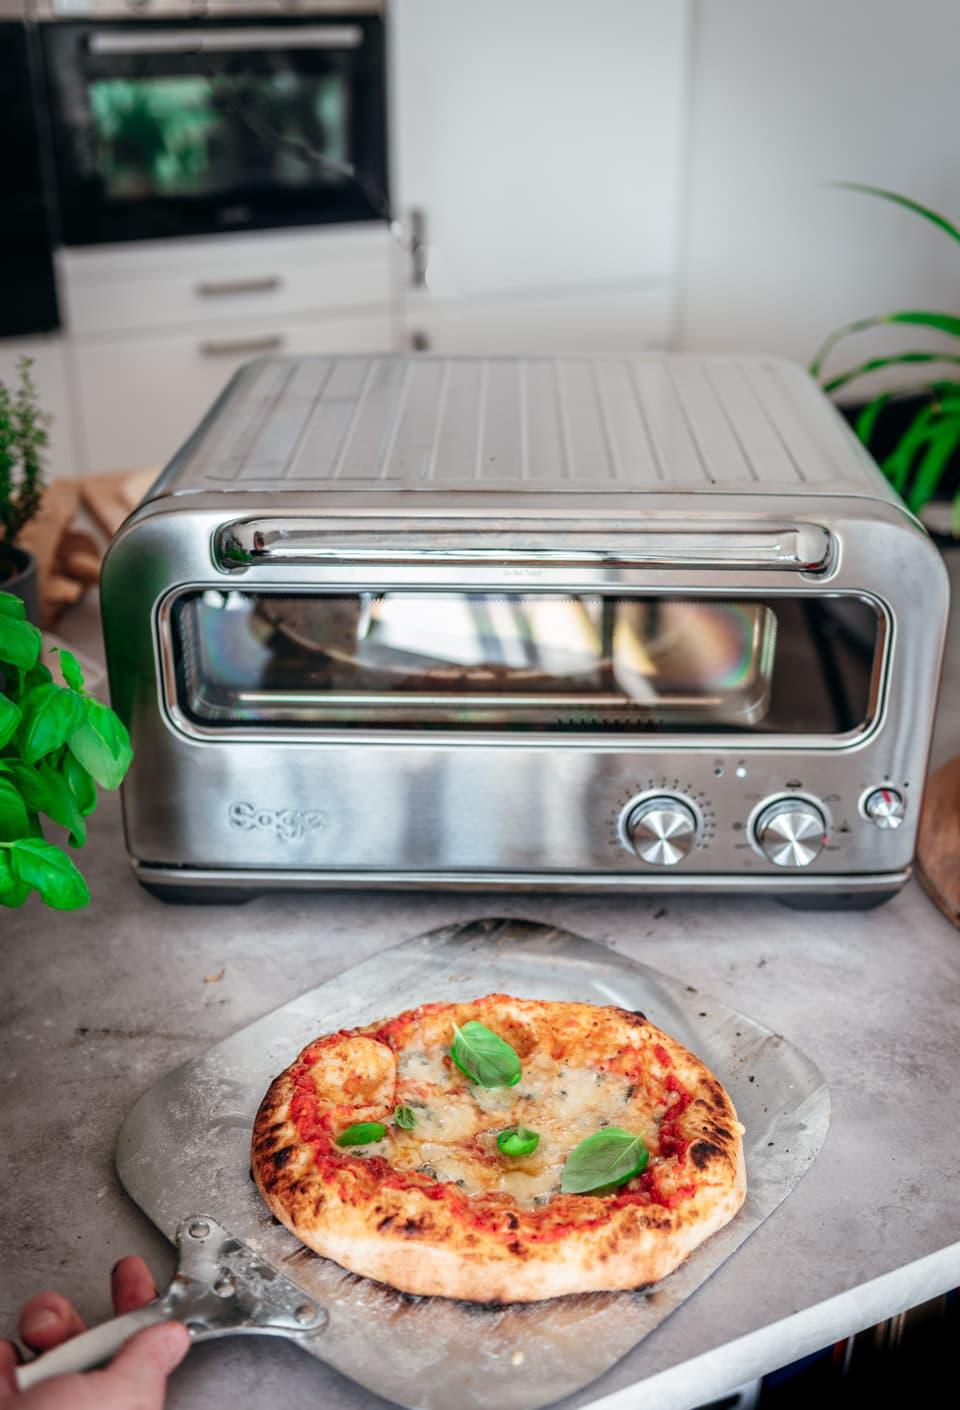 Pizza uit de Sage pizzaioli